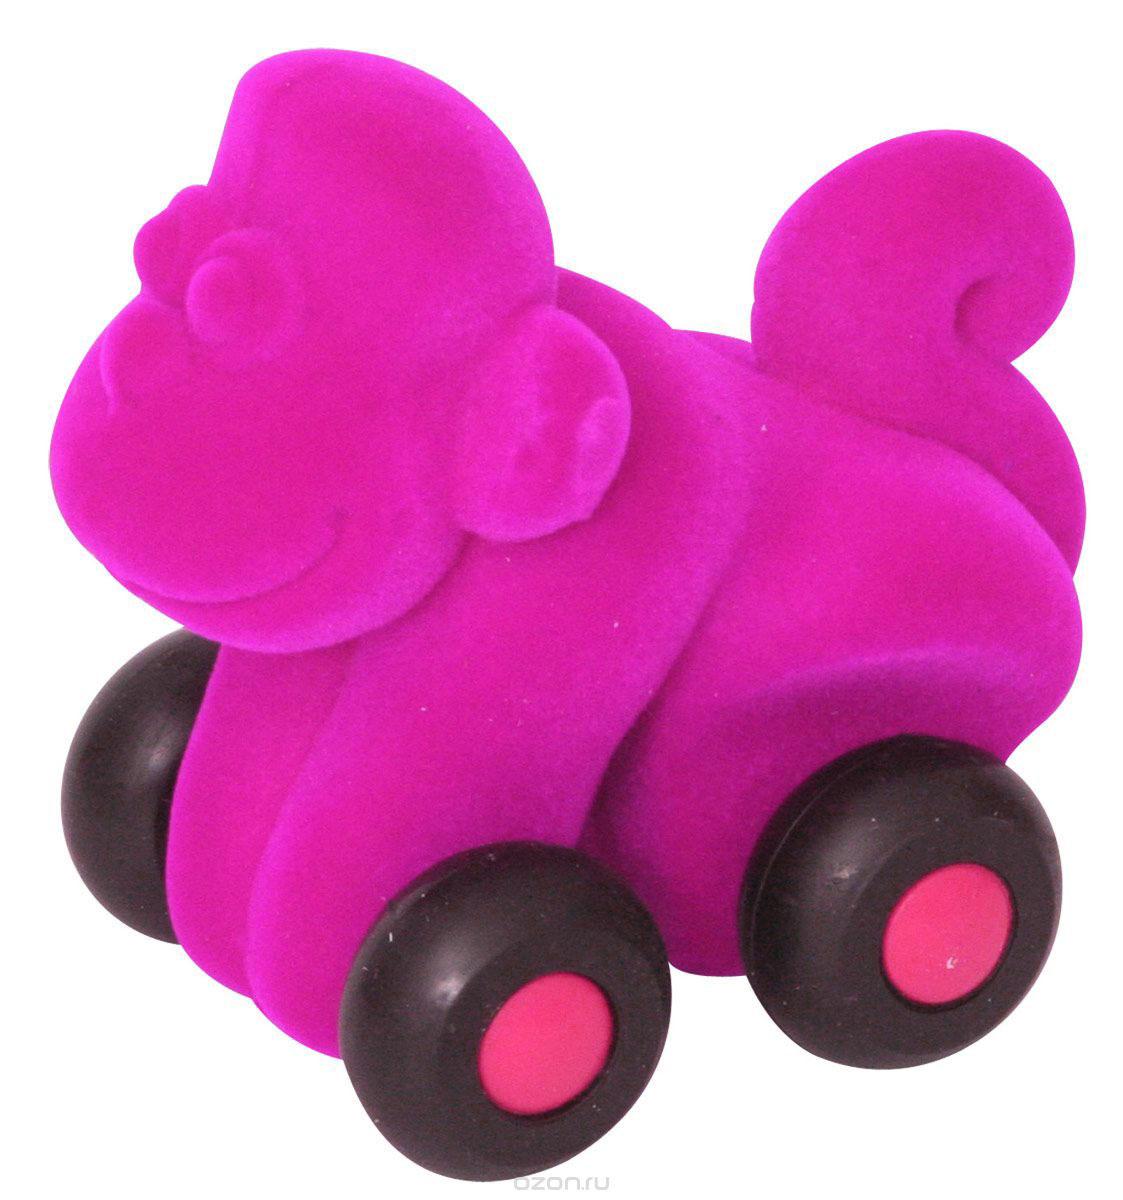 Rubbabu Фигурка функциональная Обезьяна цвет пурпурный20093_малиновыйФункциональная фигурка Rubbabu Обезьяна надолго увлечет вашего кроху! Она изготовлена из качественных и безопасных для детского здоровья материалов. Мягкую обезьянку с бархатистой поверхностью можно просто катать по полу, сминать и бросать. Благодаря своему компактному размеру, игрушка комфортно помещается в ручках малыша. А игры с ней способствуют развитию зрительного восприятия, мелкой моторики, координации и тактильных ощущений. Rubbabu - единственный в мире производитель товаров из натурального каучука с флокированной поверхностью, экологически чистого антибактериального гипоаллергенного материала, стойкого к пыли и плесени. Поставщик флокированного покрытия - швейцарская компания, краски для игрушек изготовлены из американского сырья. Игрушки Rubbabu абсолютно безопасны даже для самого маленького ребенка.